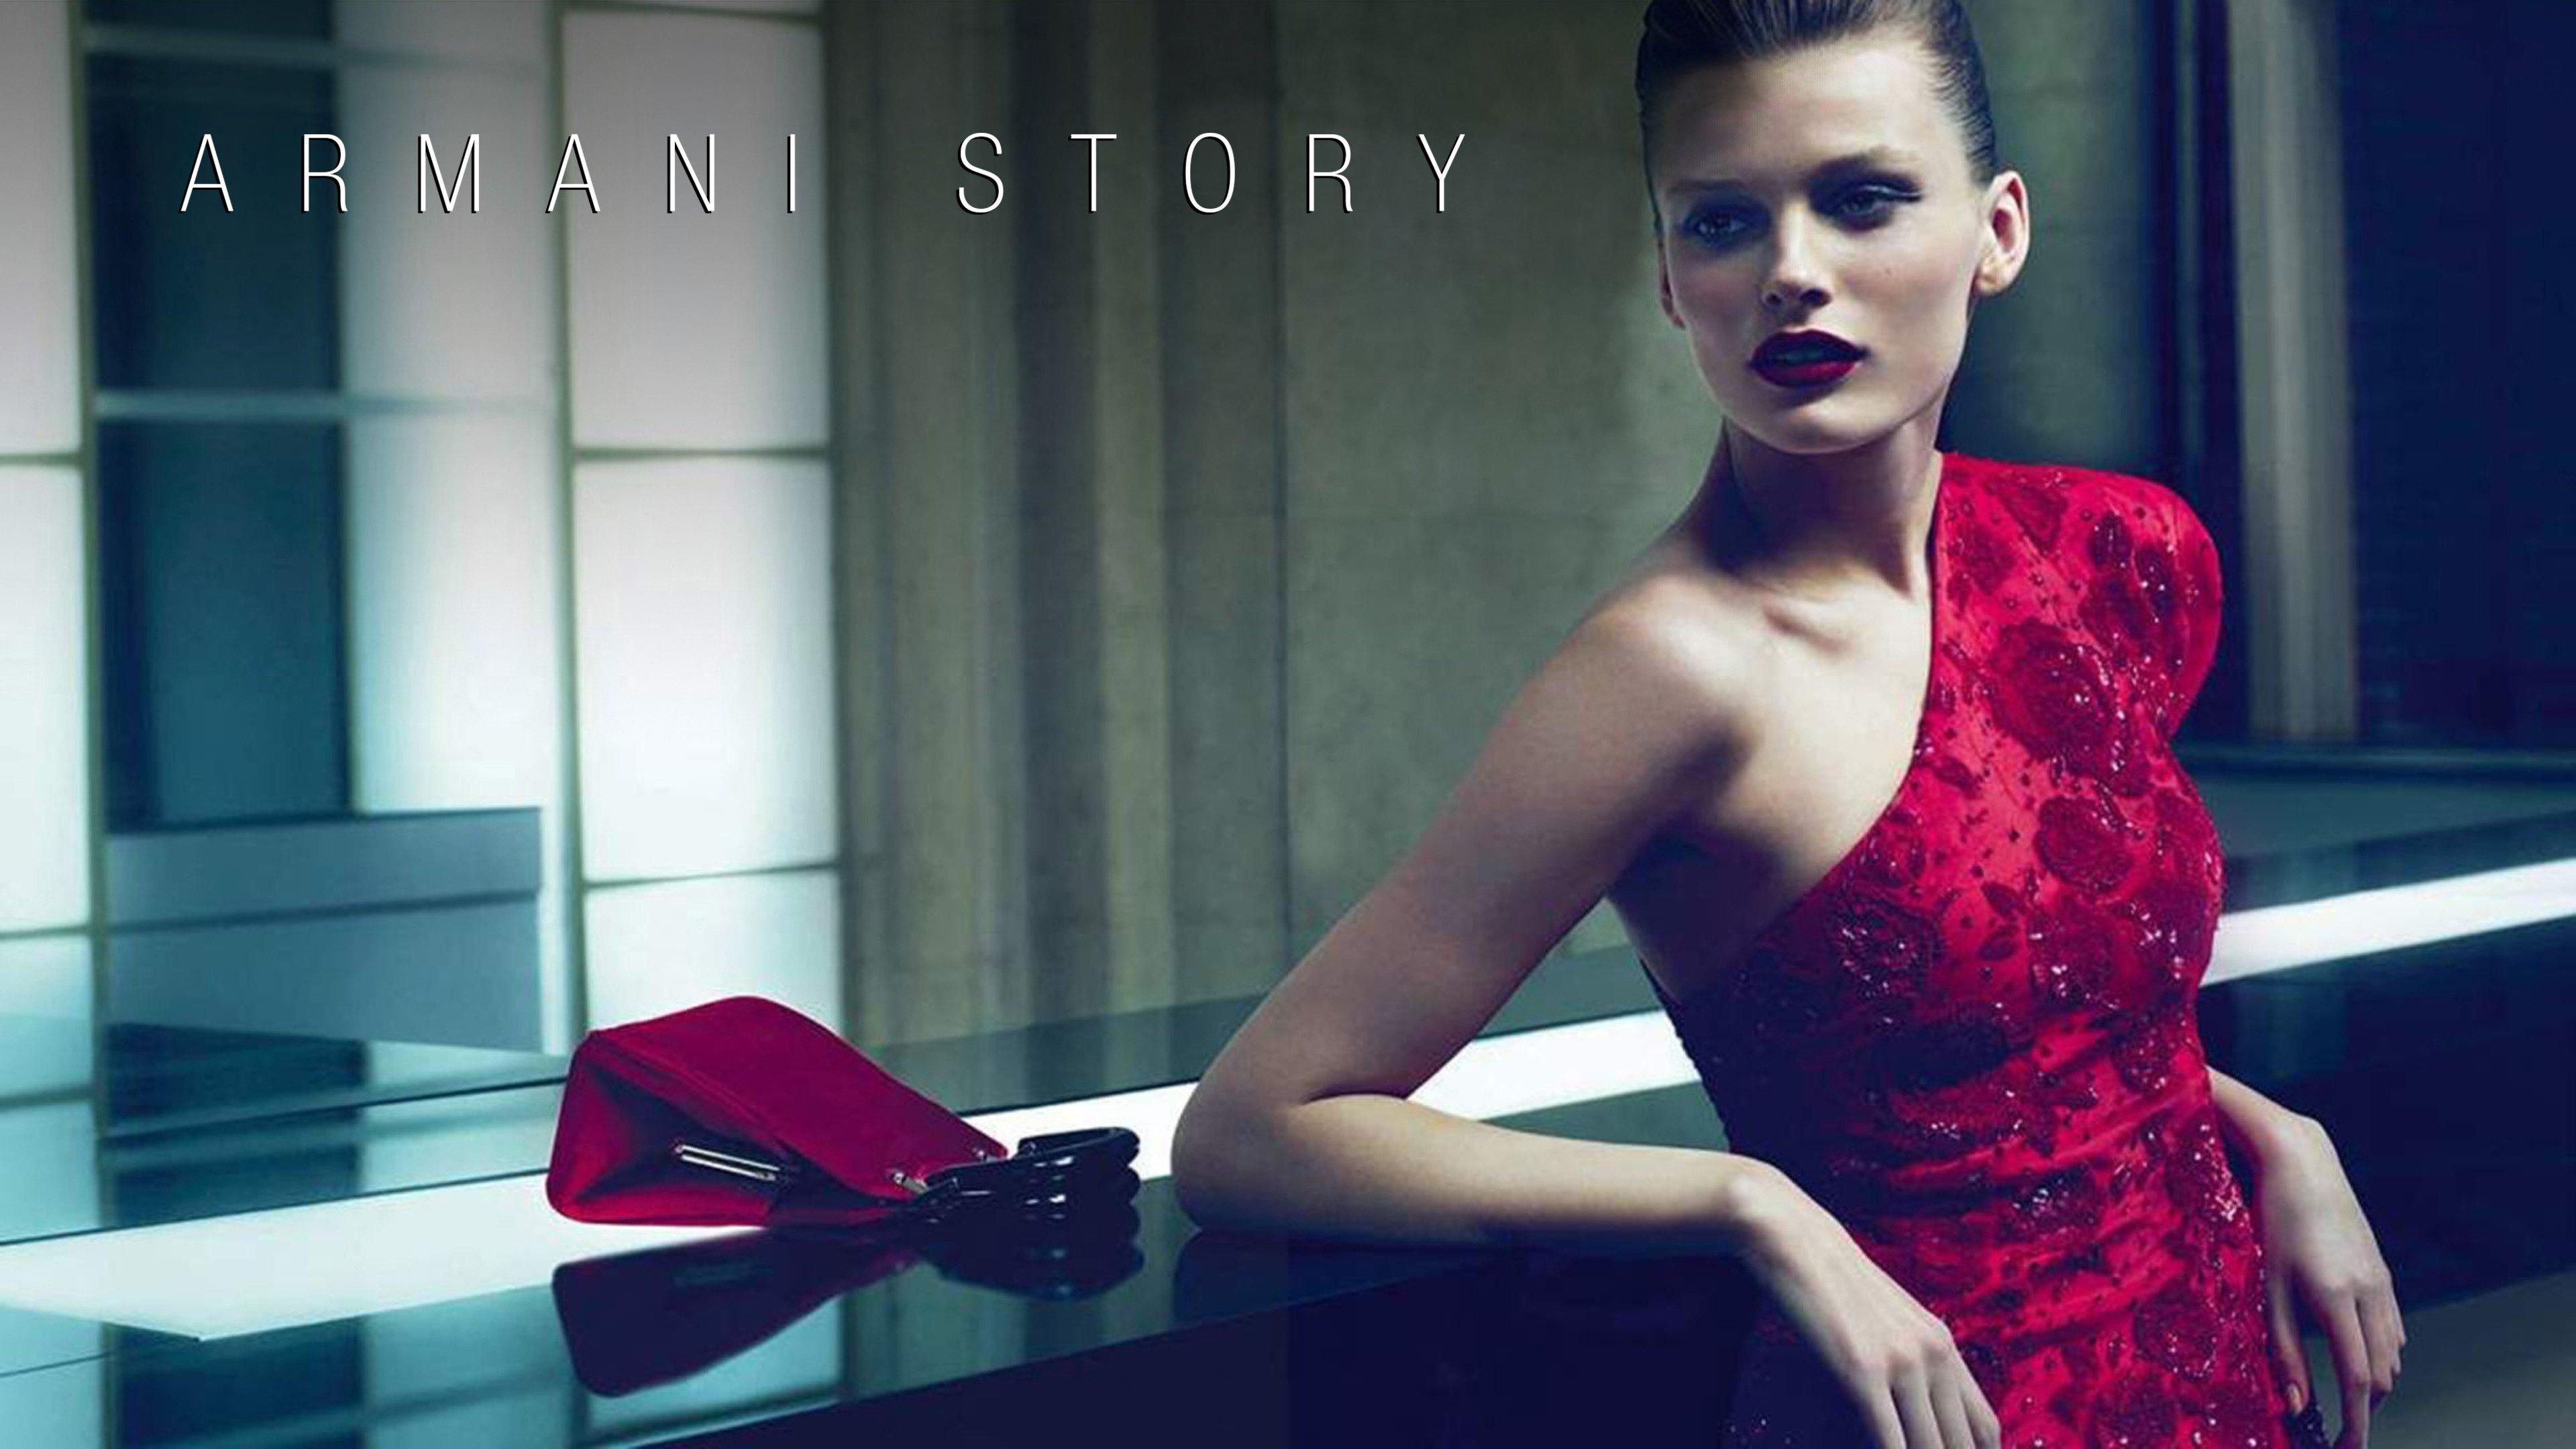 Armani Story